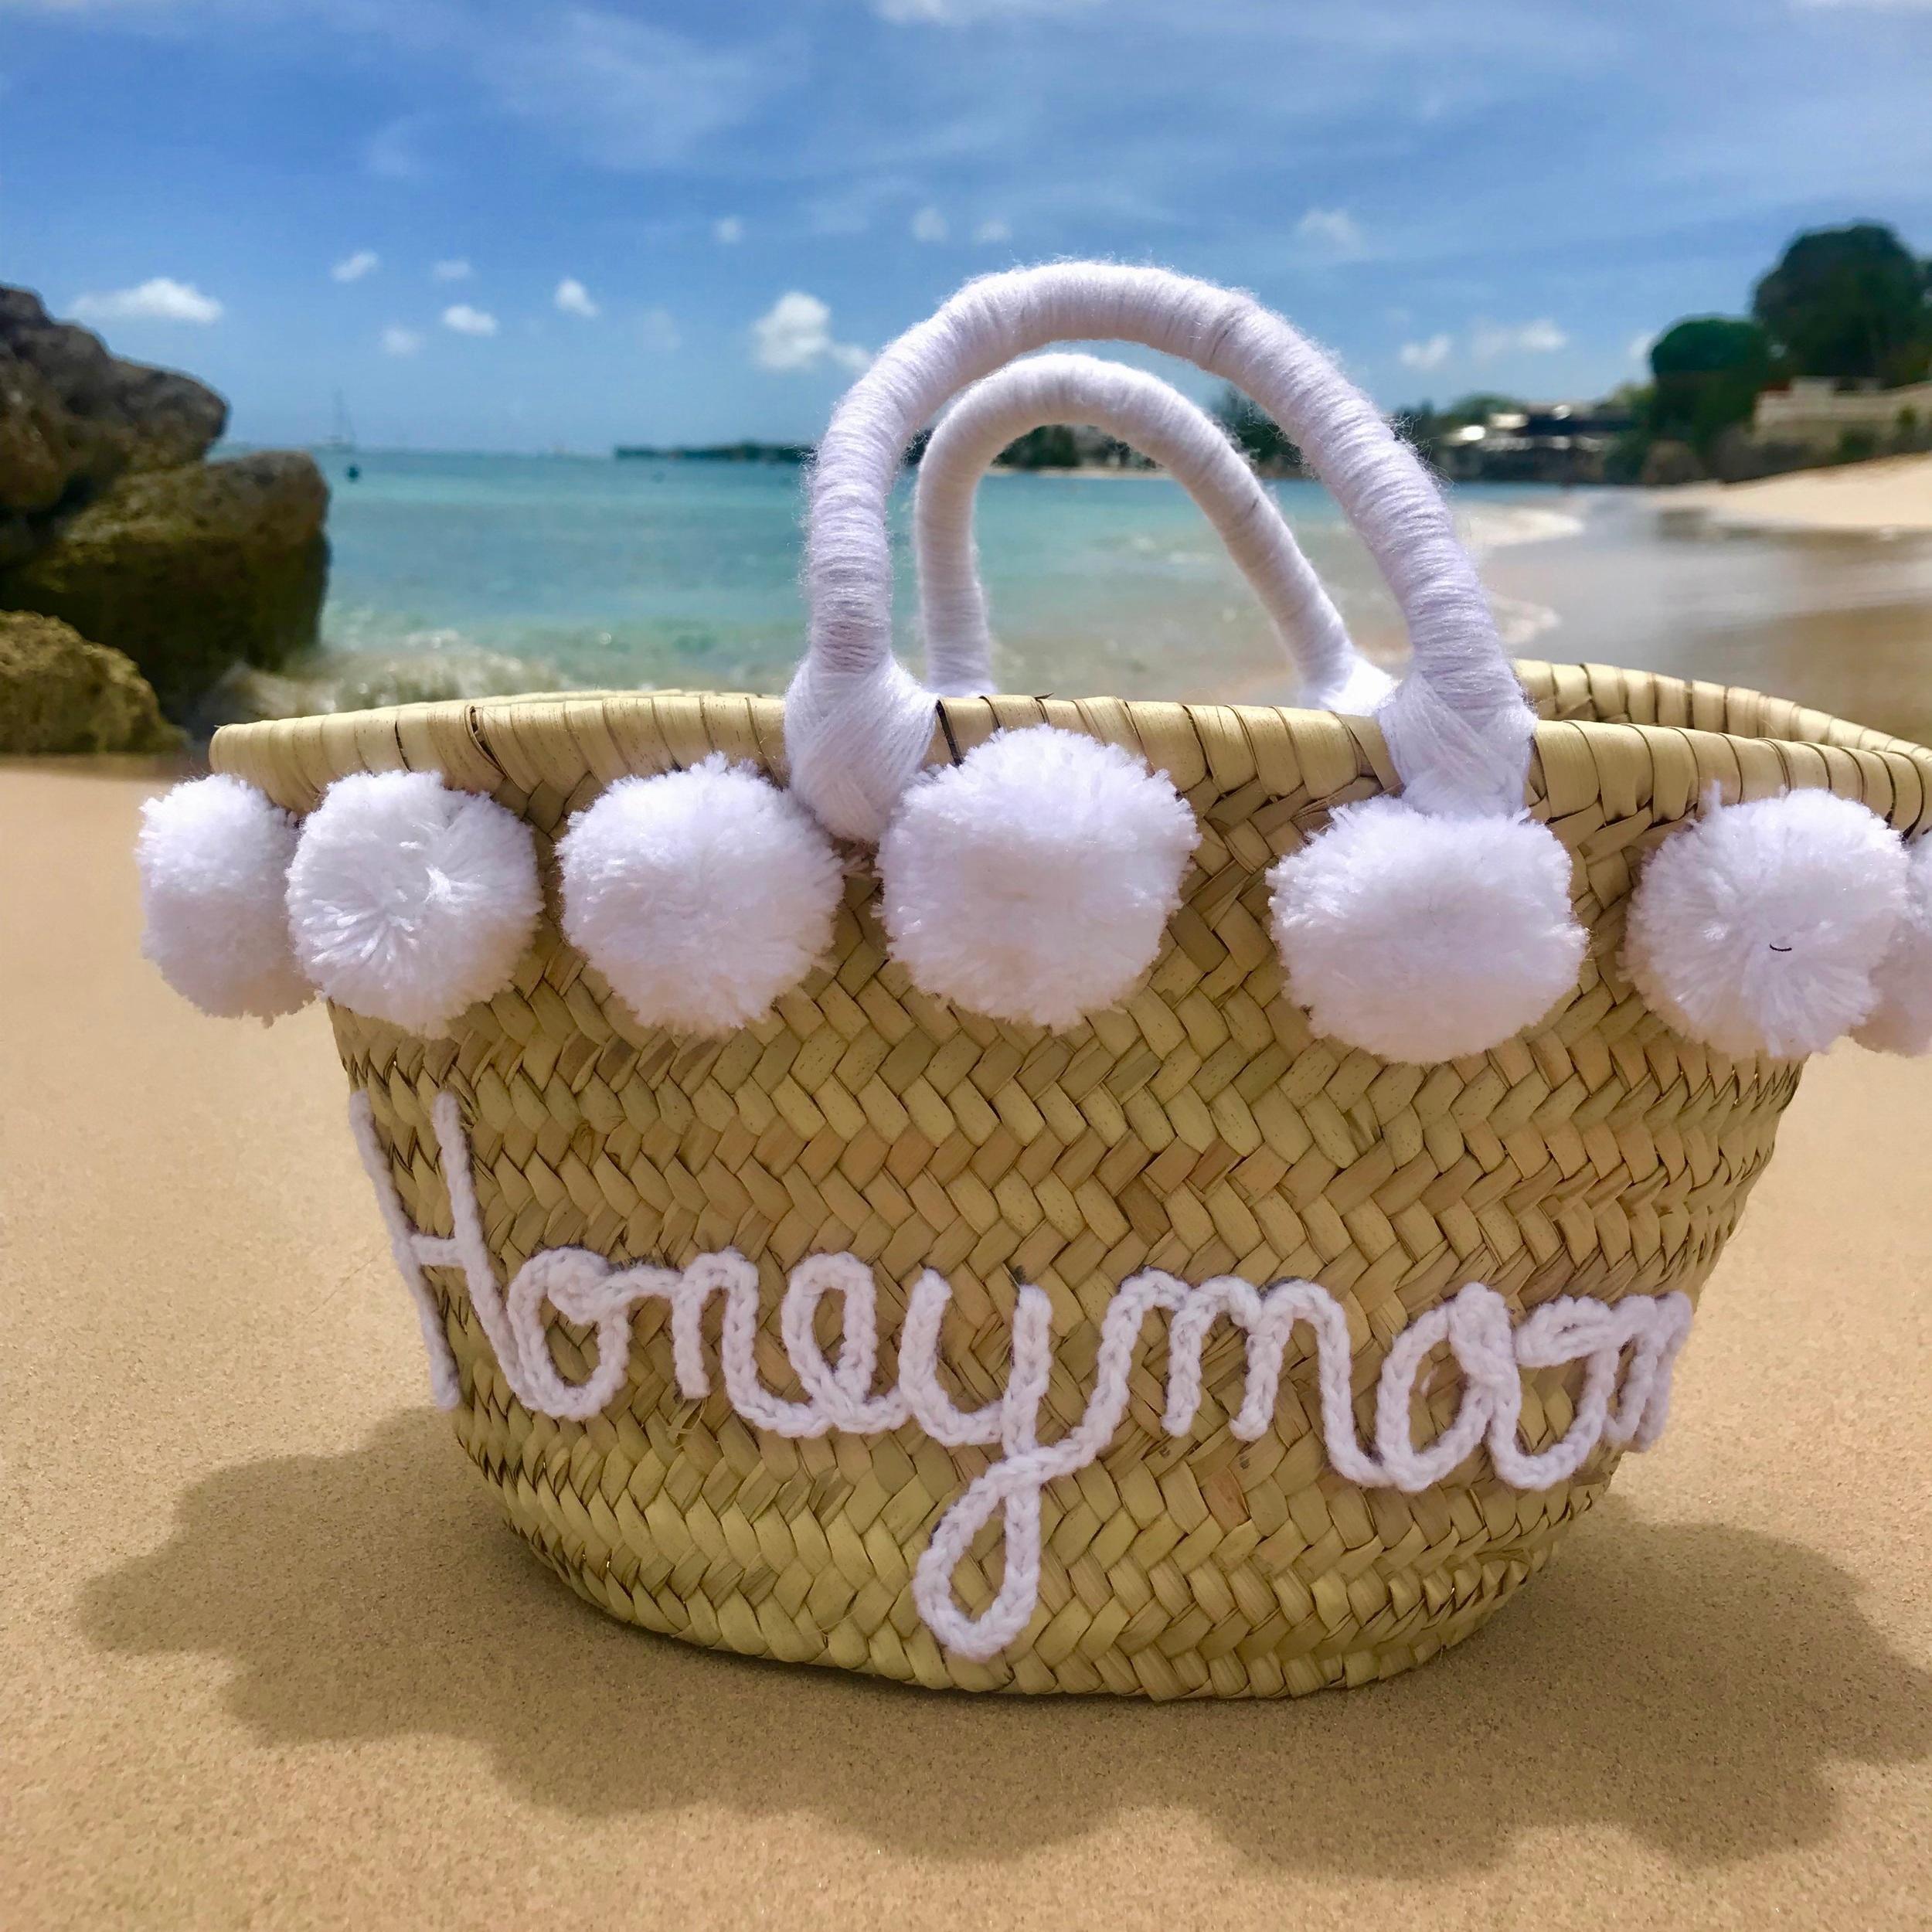 THE HONEYMOON BASKET - £40